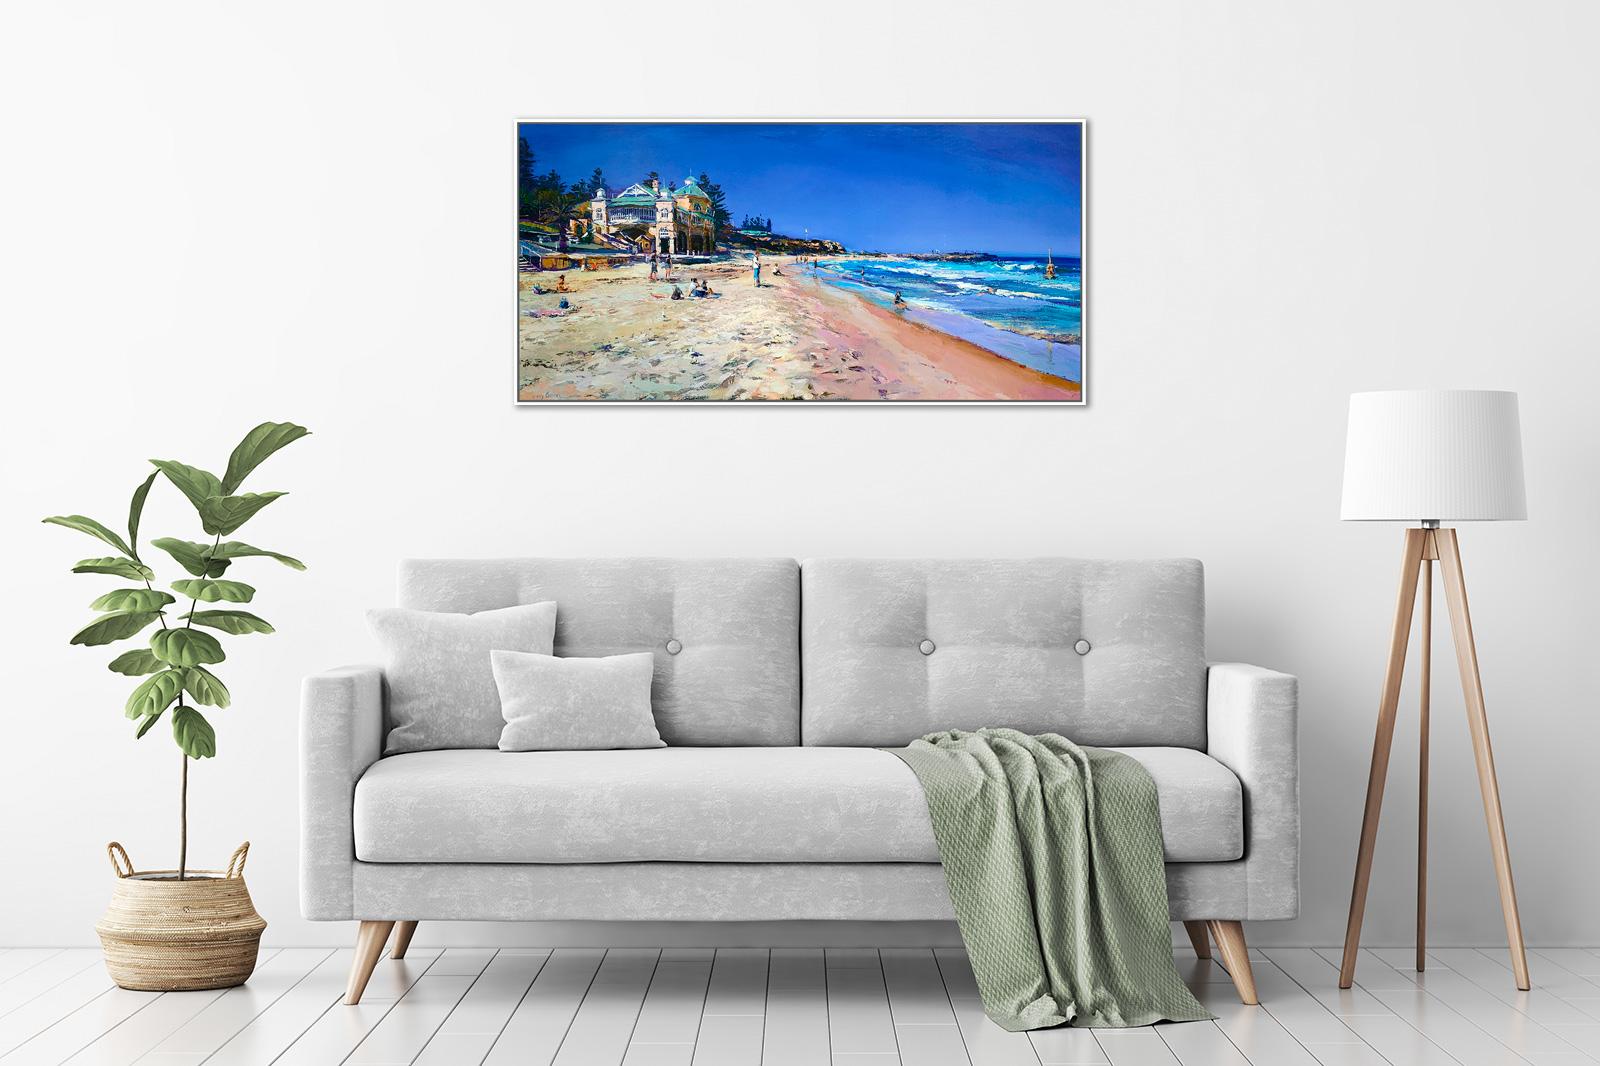 Greg Baker - 'Summer Beach, Cottesloe' Framed, in a room